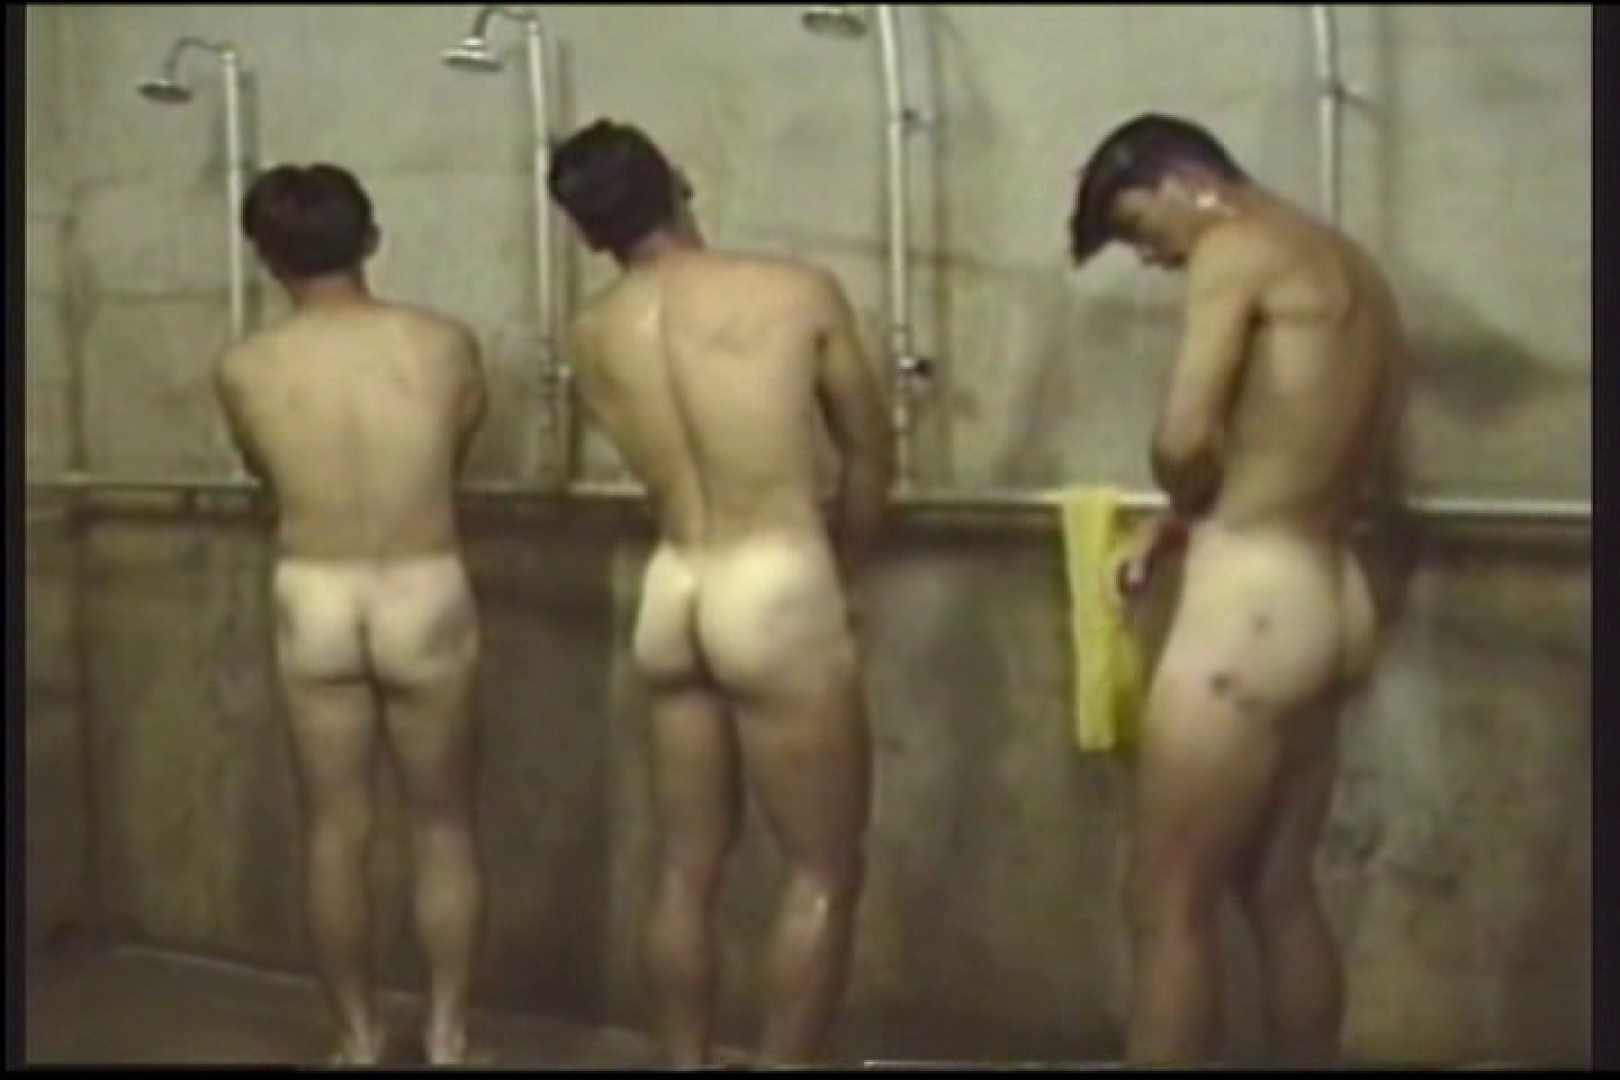 ラガーズエロLIFES VOL.02 入浴・シャワー ゲイ無料エロ画像 105連発 96